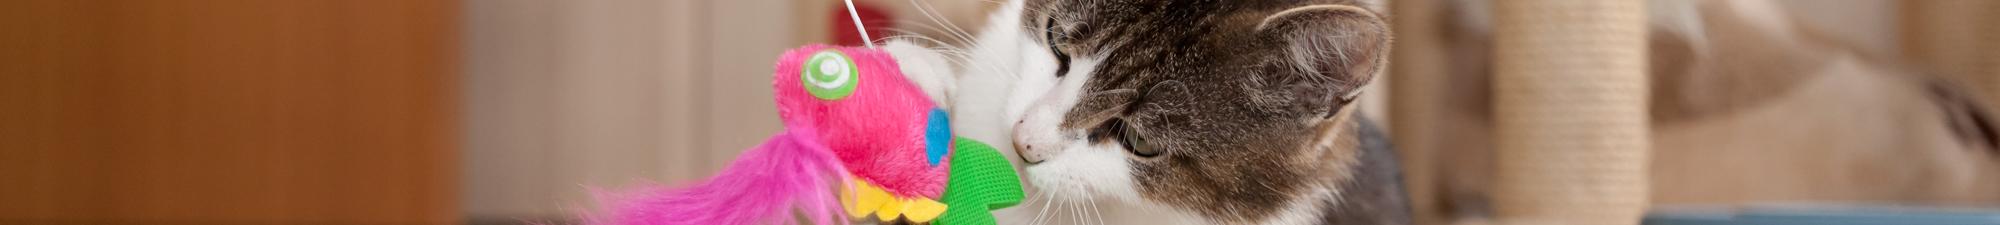 Camas, Brinquedos e Acessórios de Gato